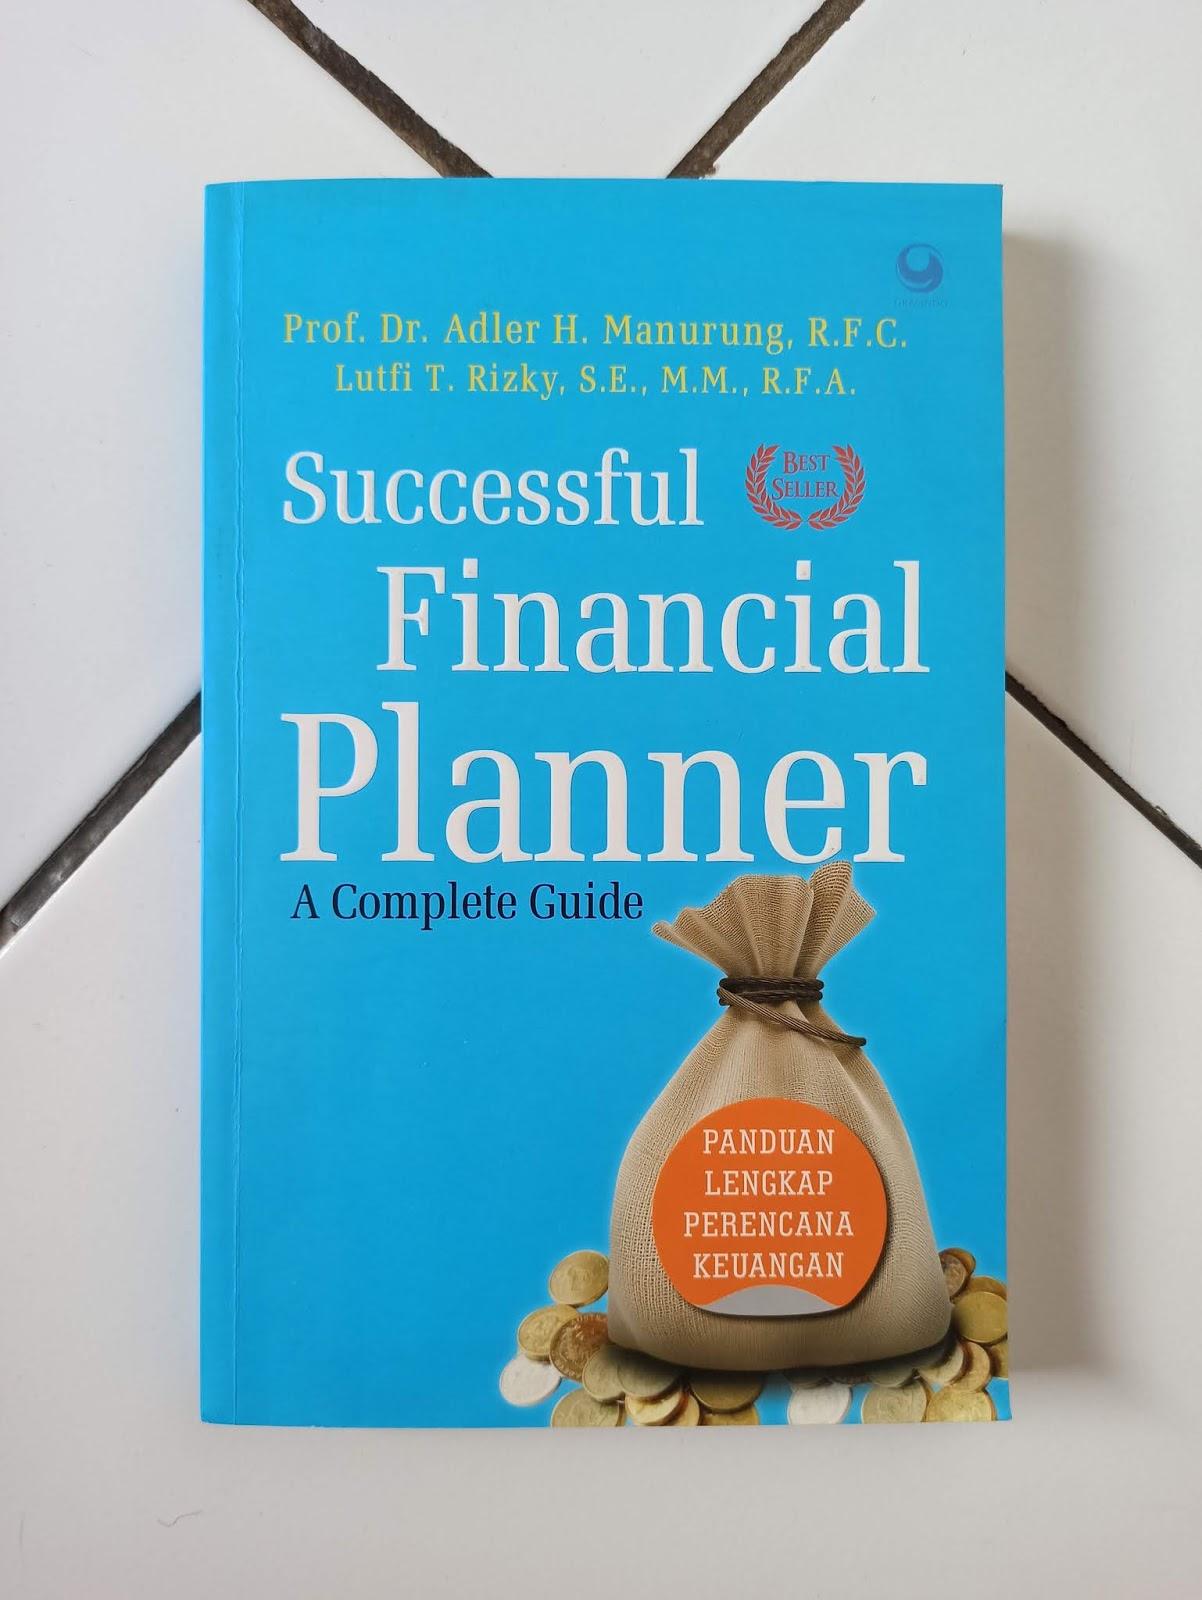 Panduan Lengkap Perencana Keuangan